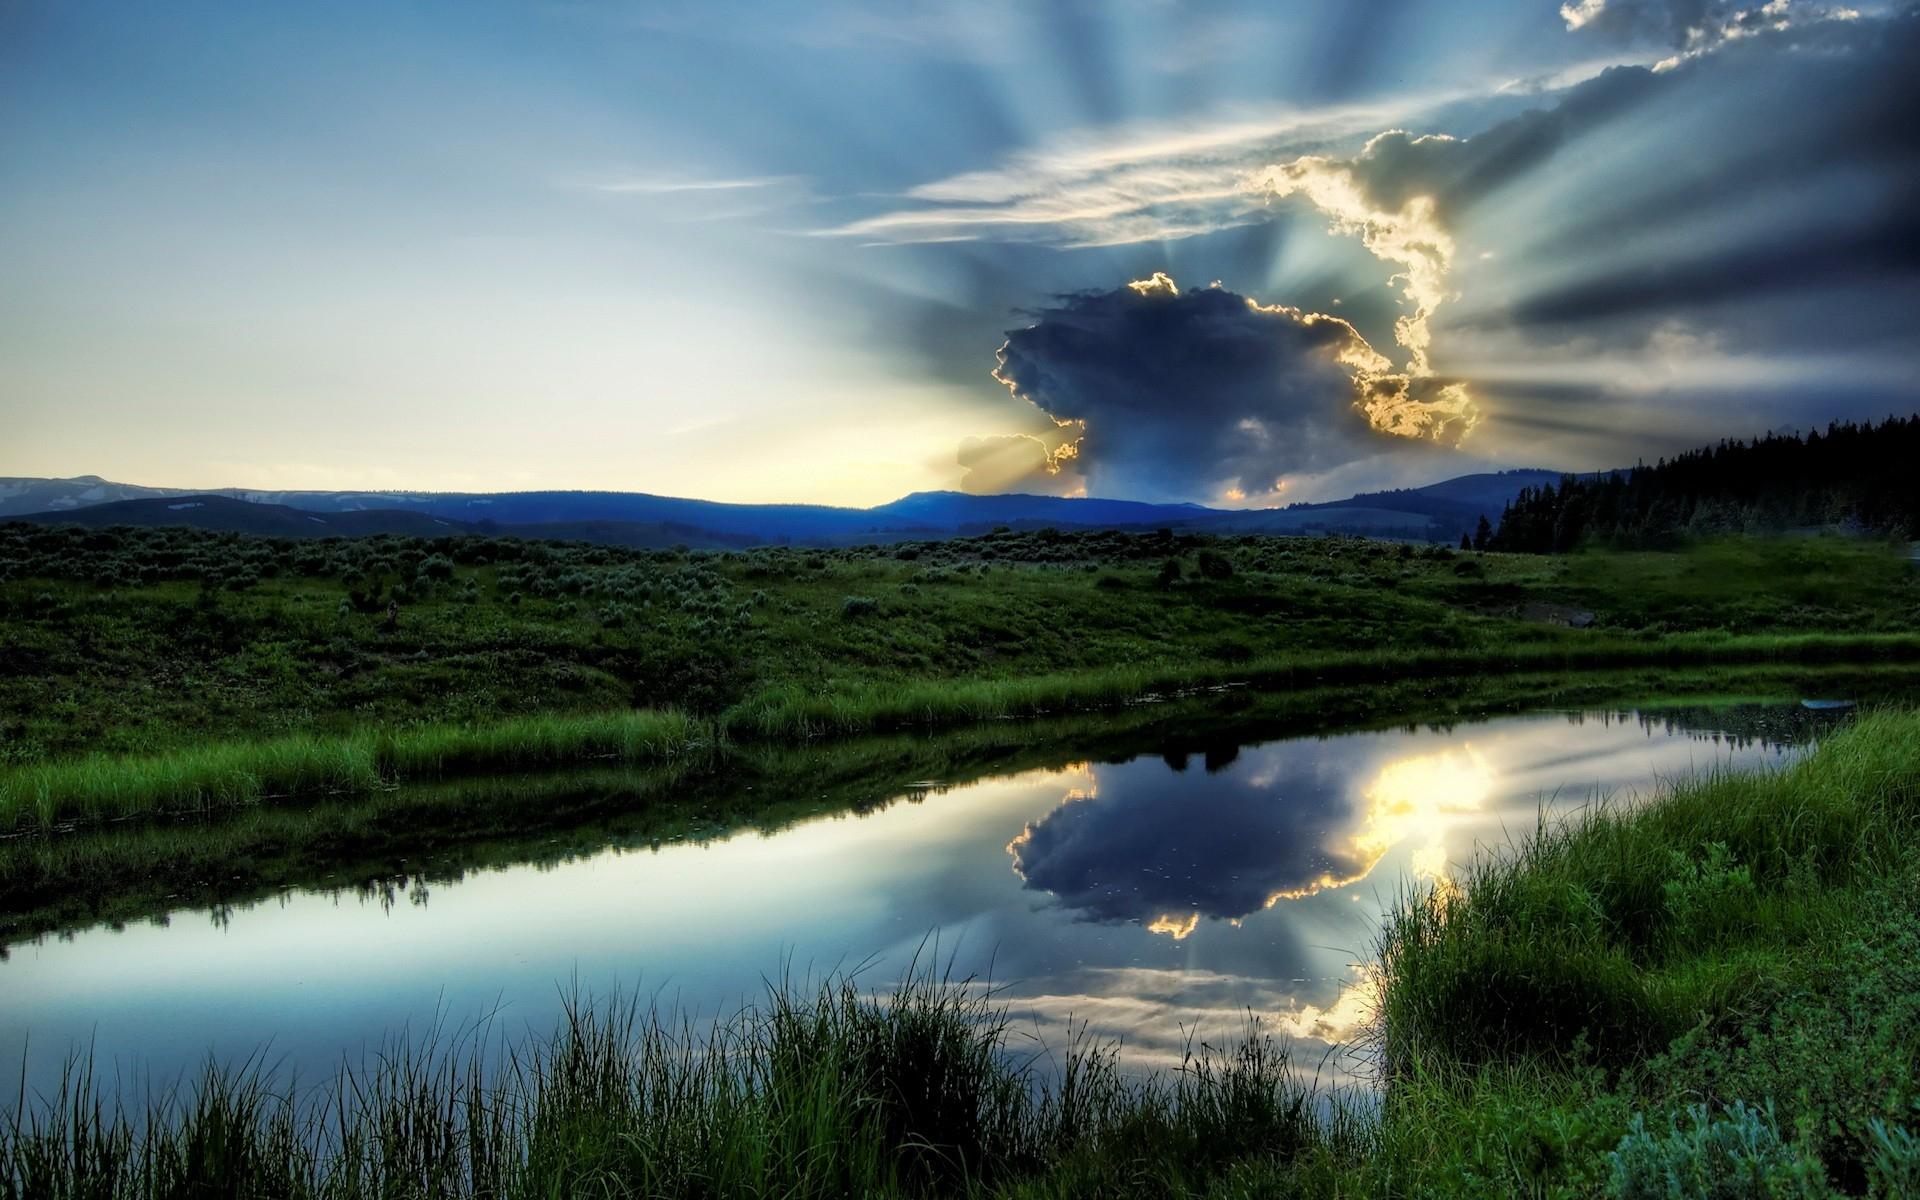 природа облака солнце река скачать